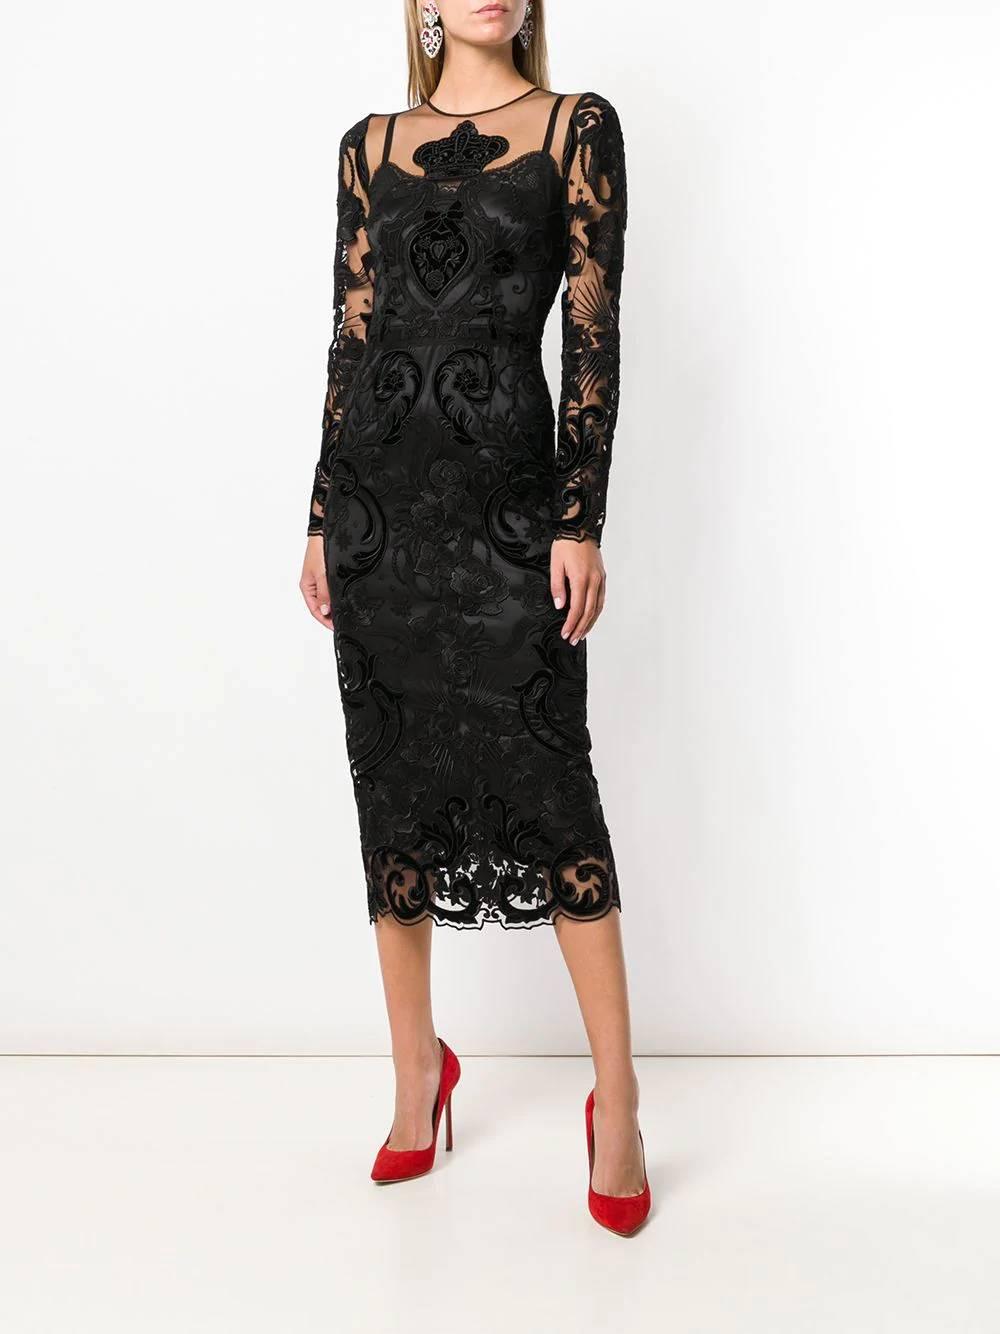 DOLCE-&-GABBANA-Floral-Panelled-Black-Dress